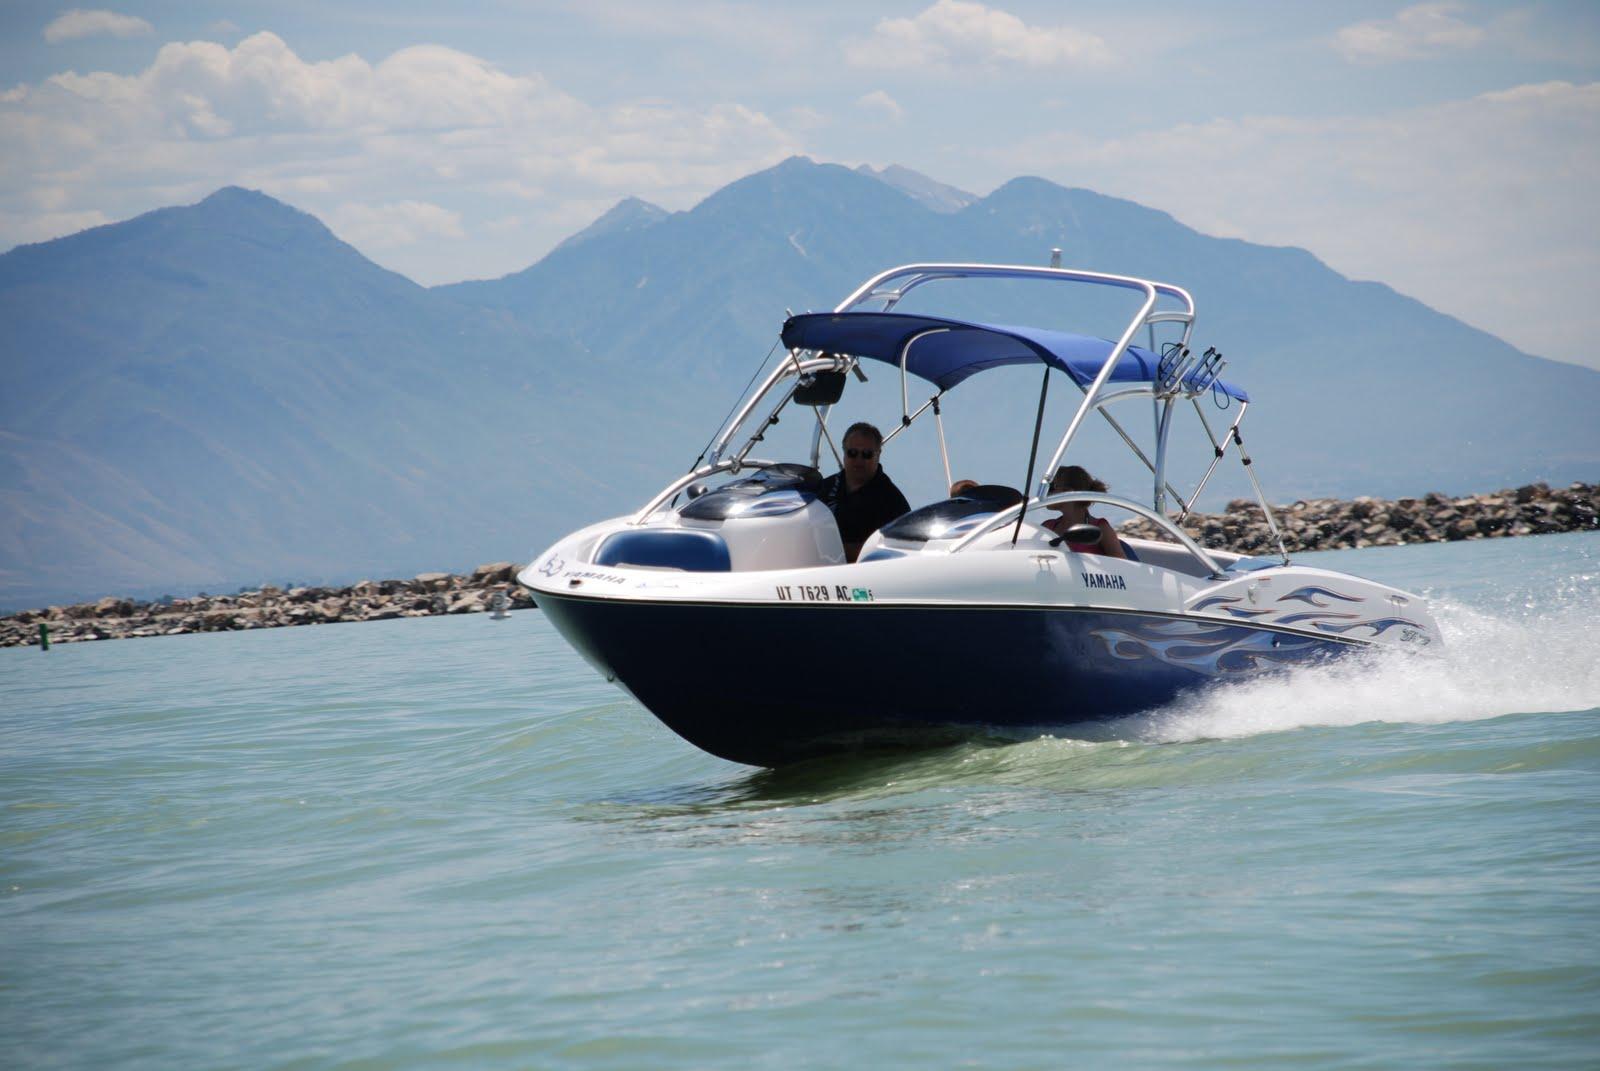 Utah Boats, Wakeboard Boats, Ski Boats, Jet Ski Rentals